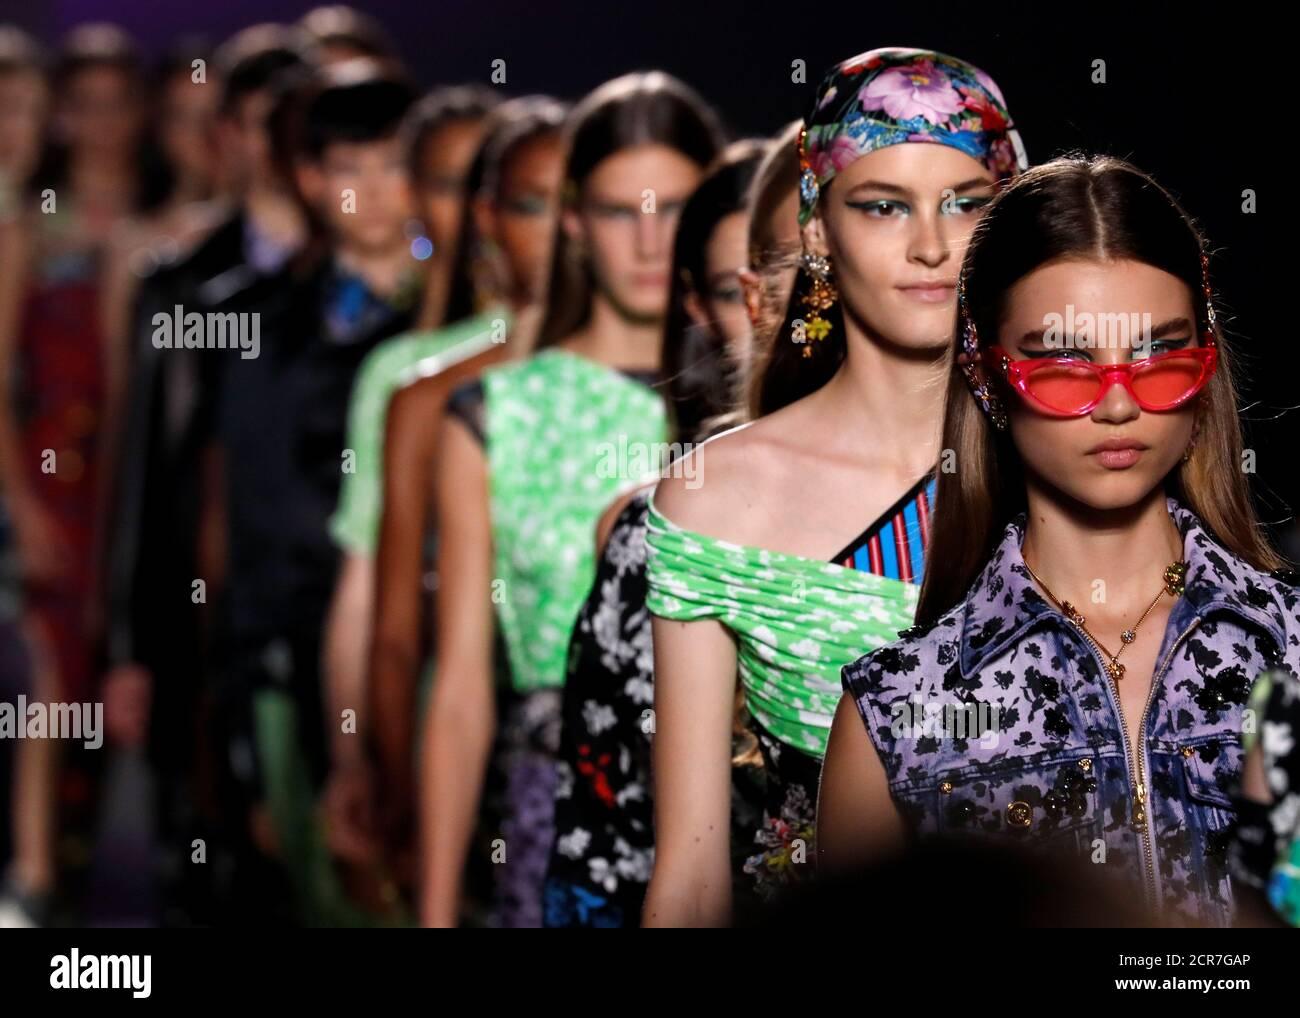 Models präsentieren Kreationen auf der Versace Show während der Mailänder Fashion Week Spring 2019 in Mailand, Italien, 21. September 2018. REUTERS/Stefano Rellandini Stockfoto